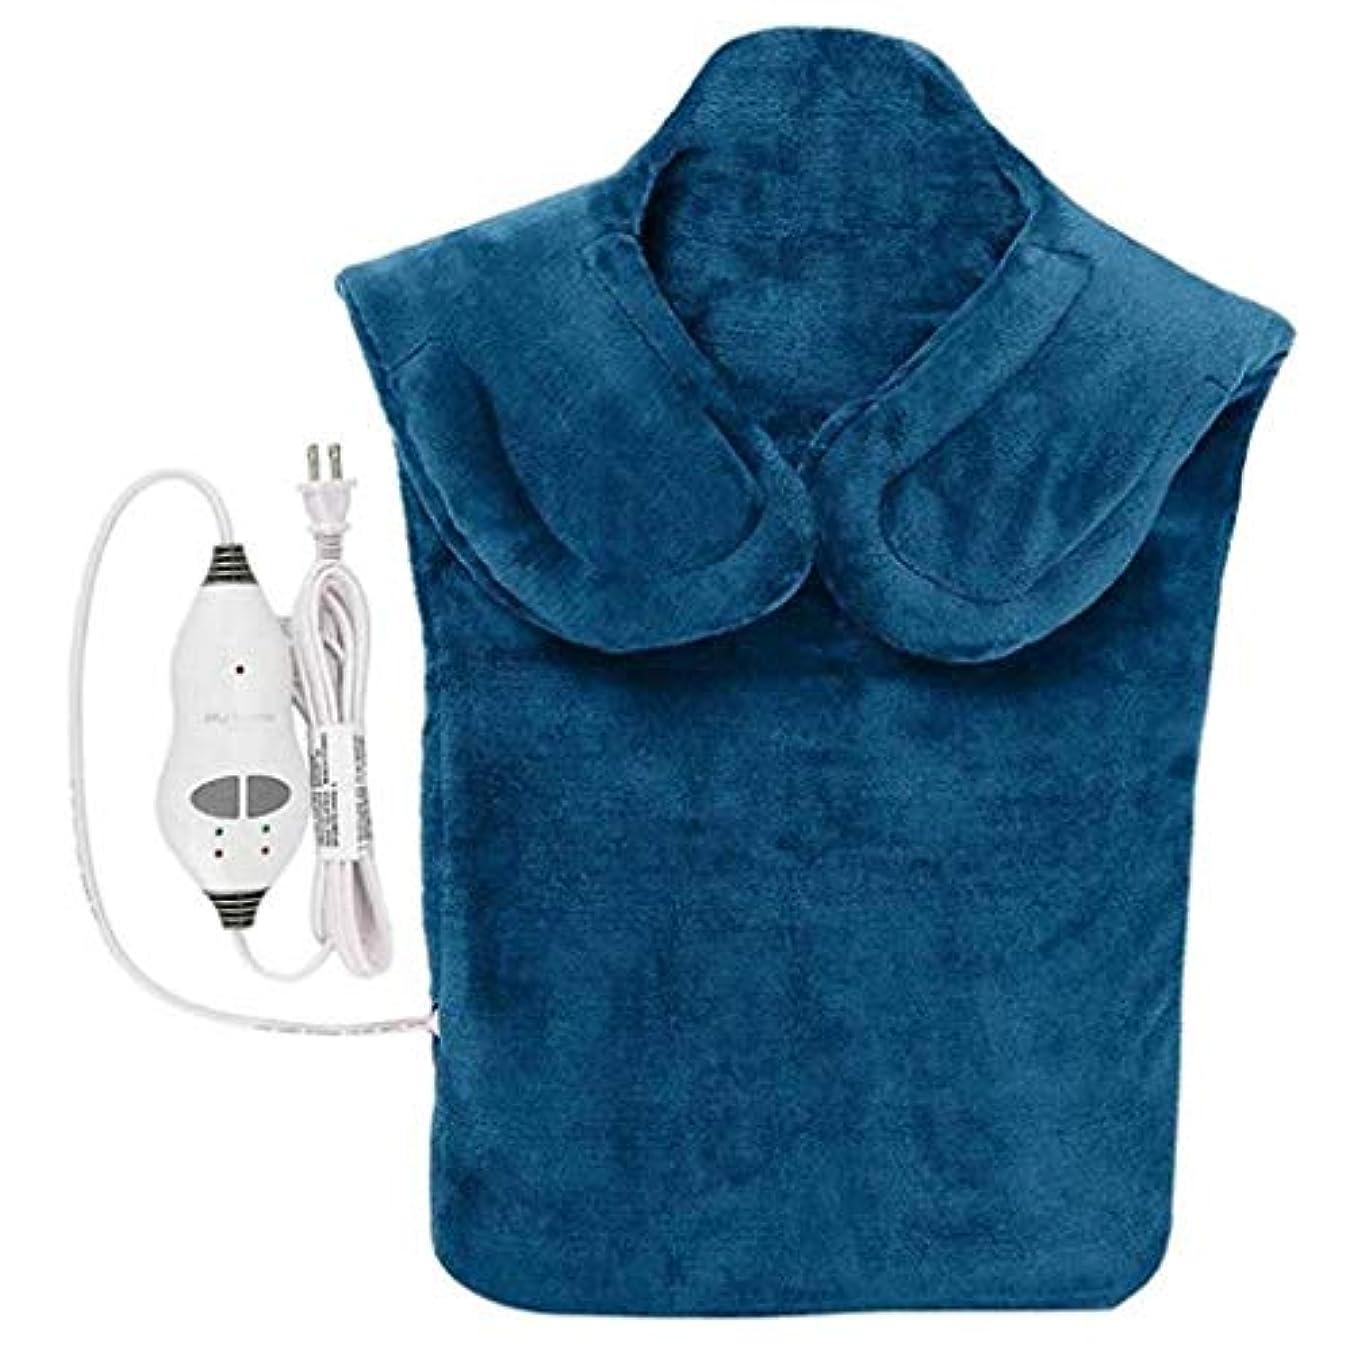 全員毒徴収ネックマッサージャー、電気マッサージ器、首暖房パッド、フランネルヘルスケアパッケージ首/肩/戻る血液循環を促進、筋肉の痛みを和らげる、暖かい保つために (Color : 青, Size : One size)